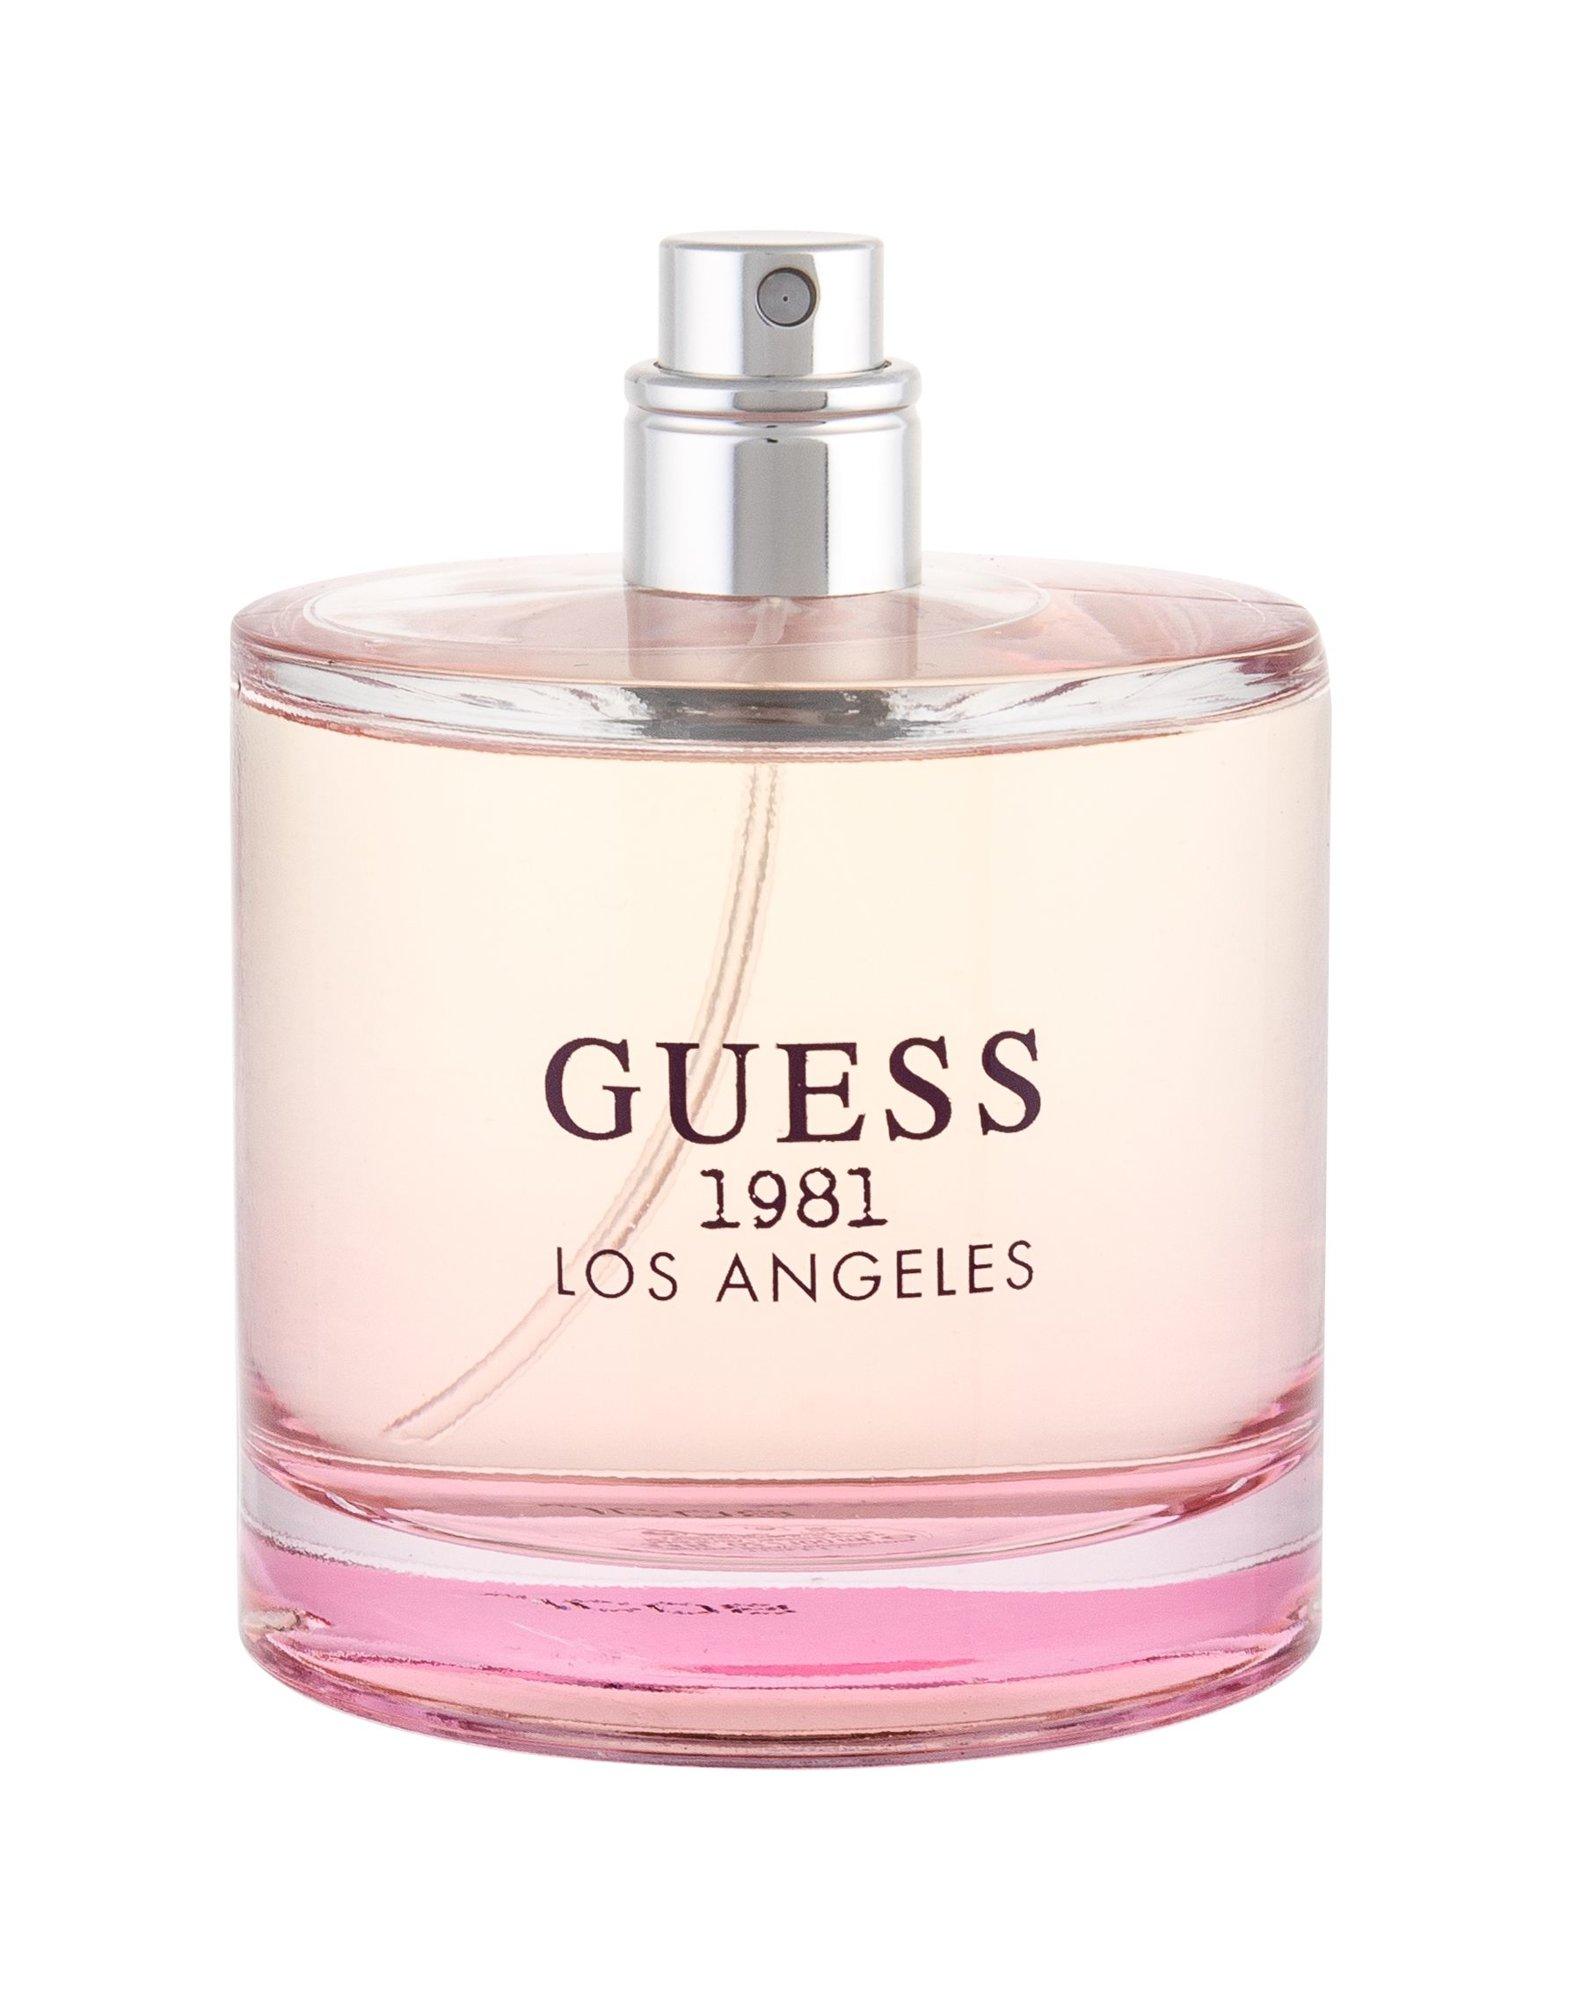 GUESS Guess 1981 Eau de Toilette 100ml